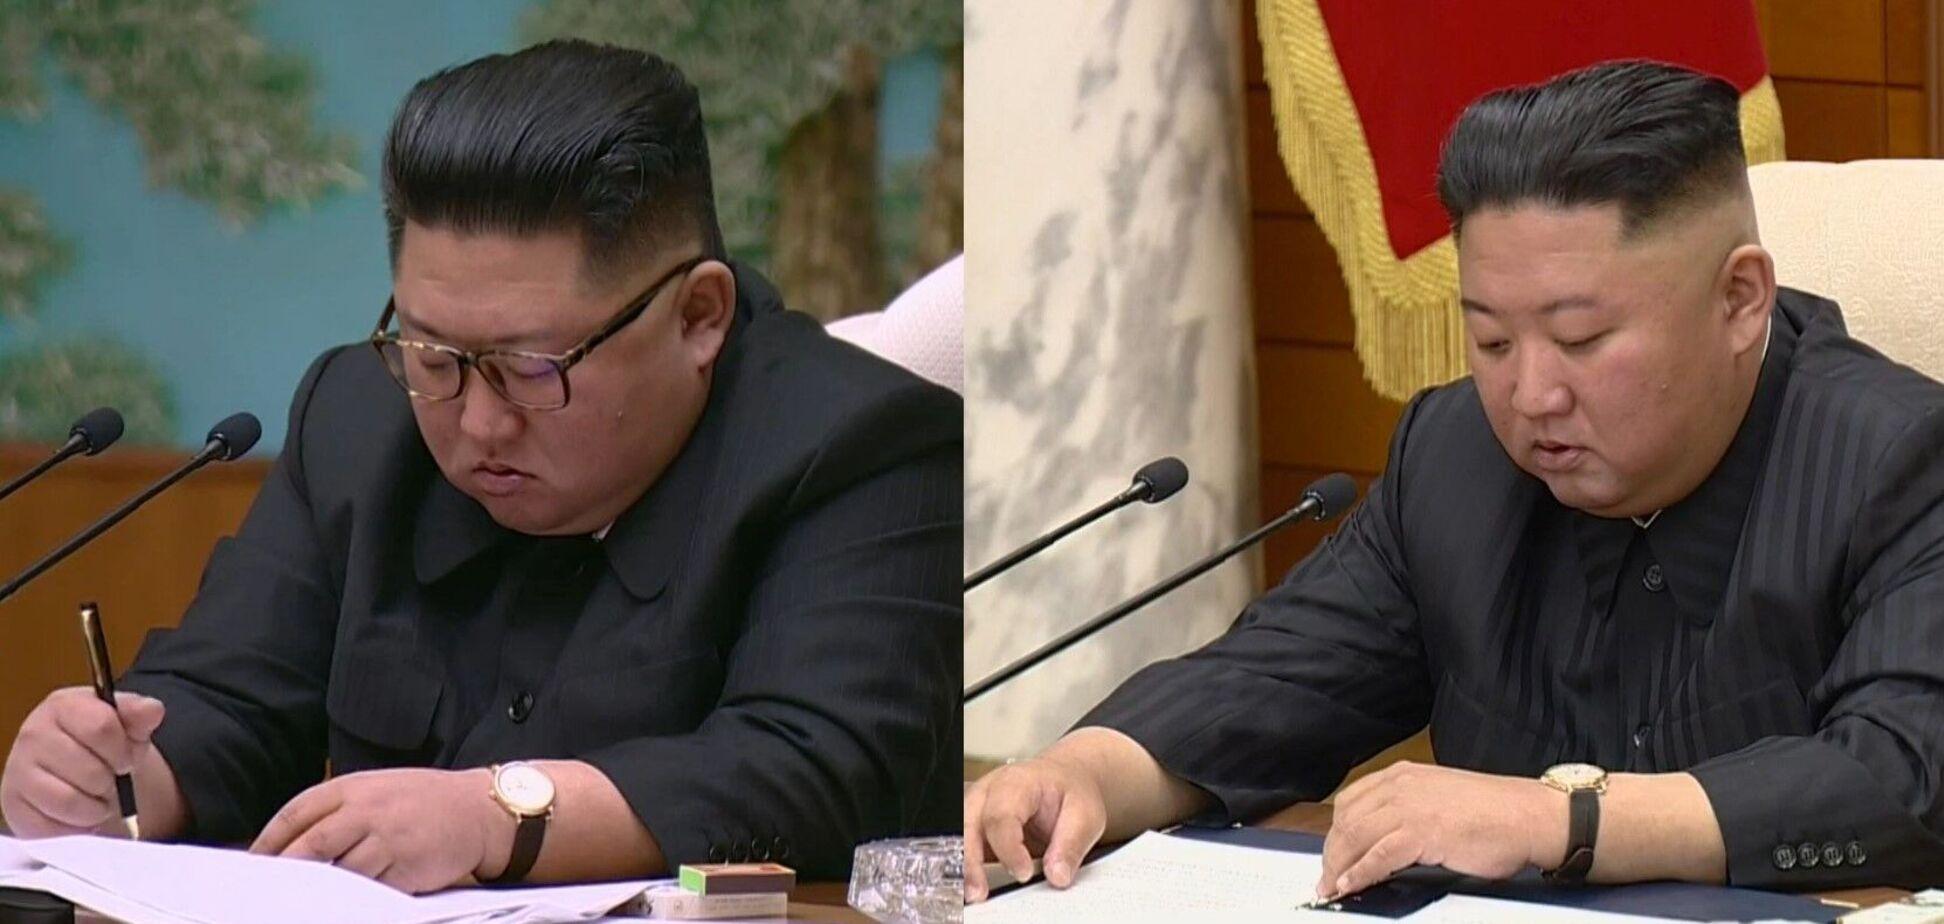 Різке схуднення Кім Чен Ина викликало нову хвилю чуток про його хворобу. Фото